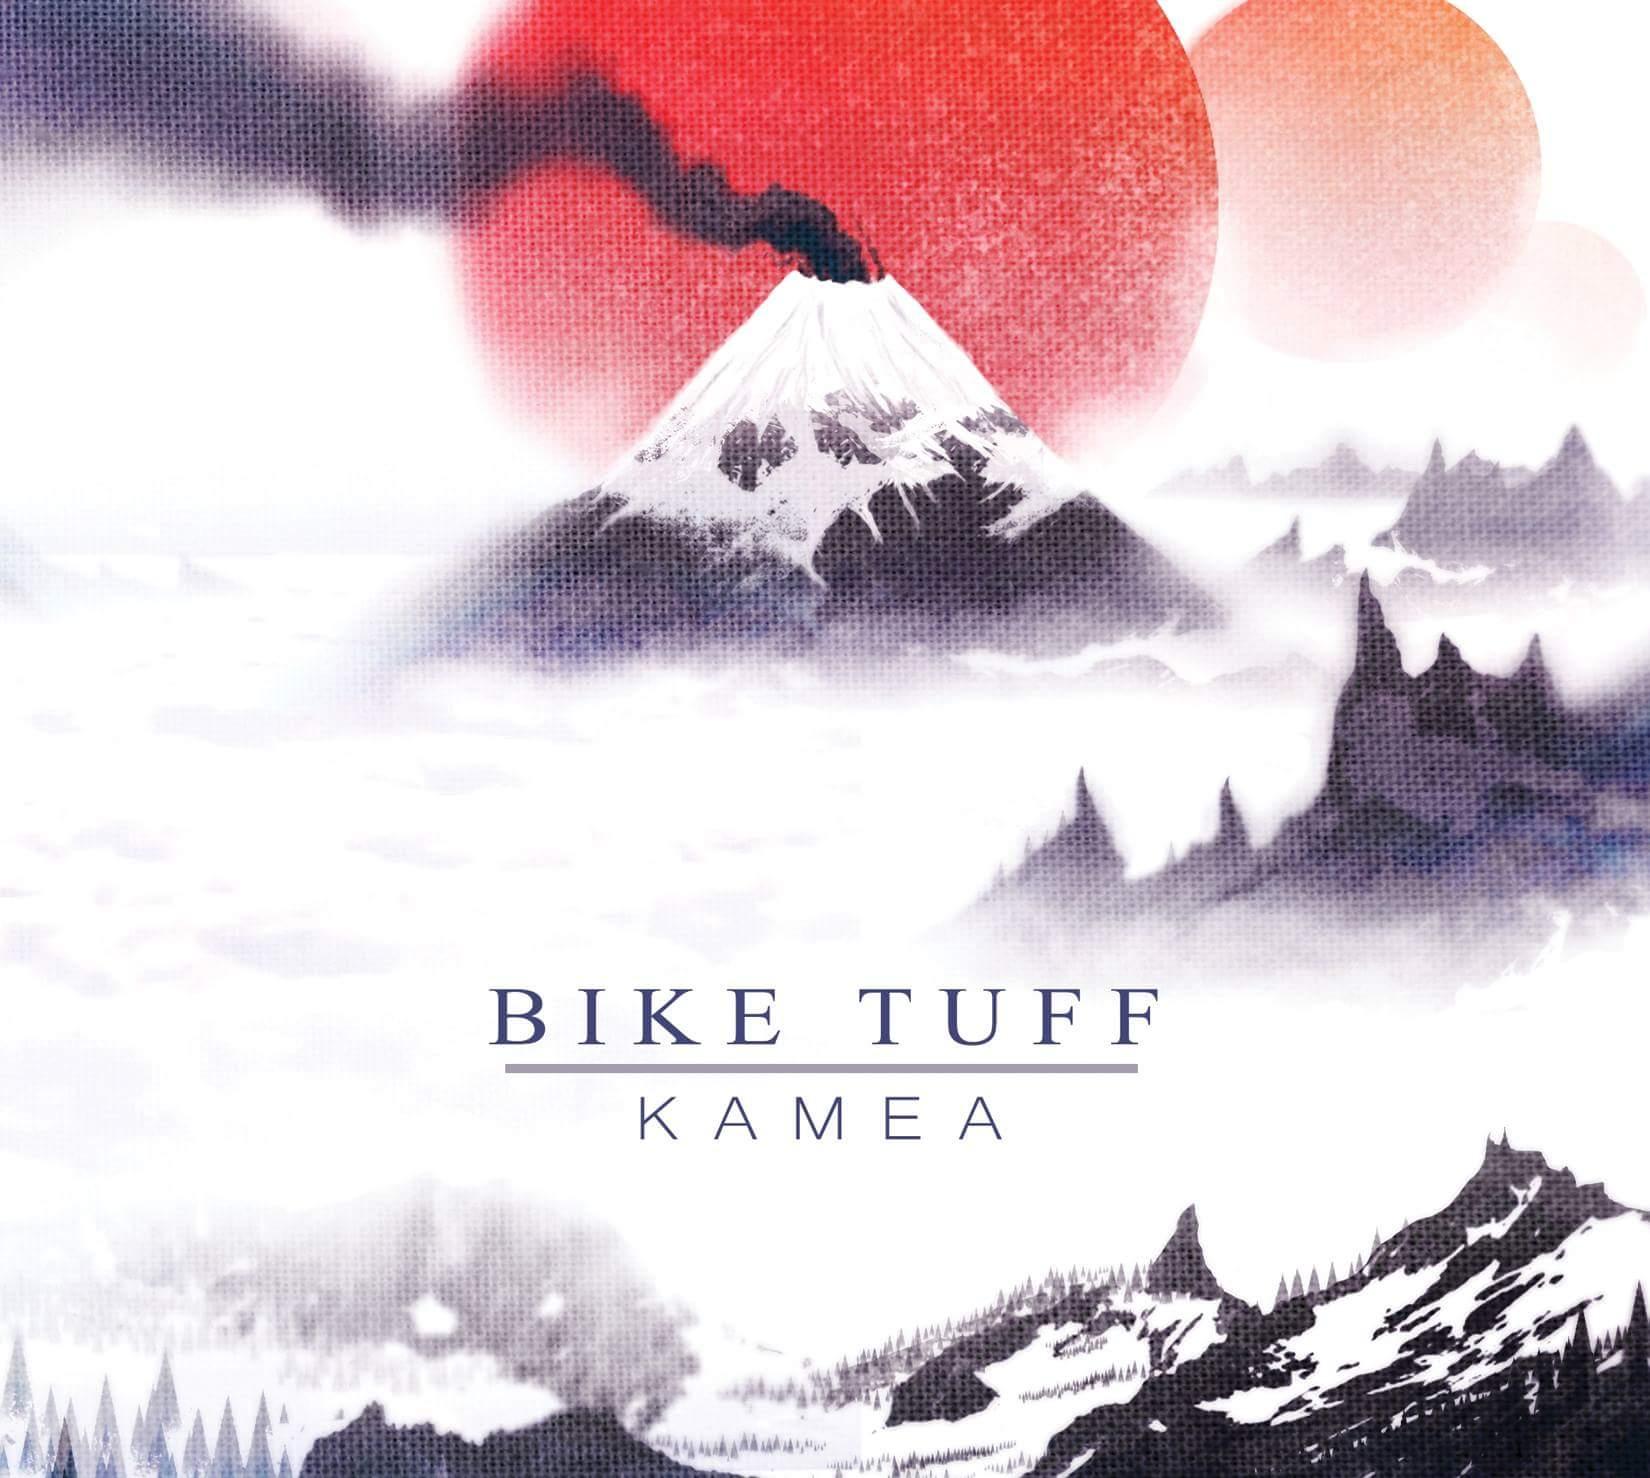 Introducing Kamea!